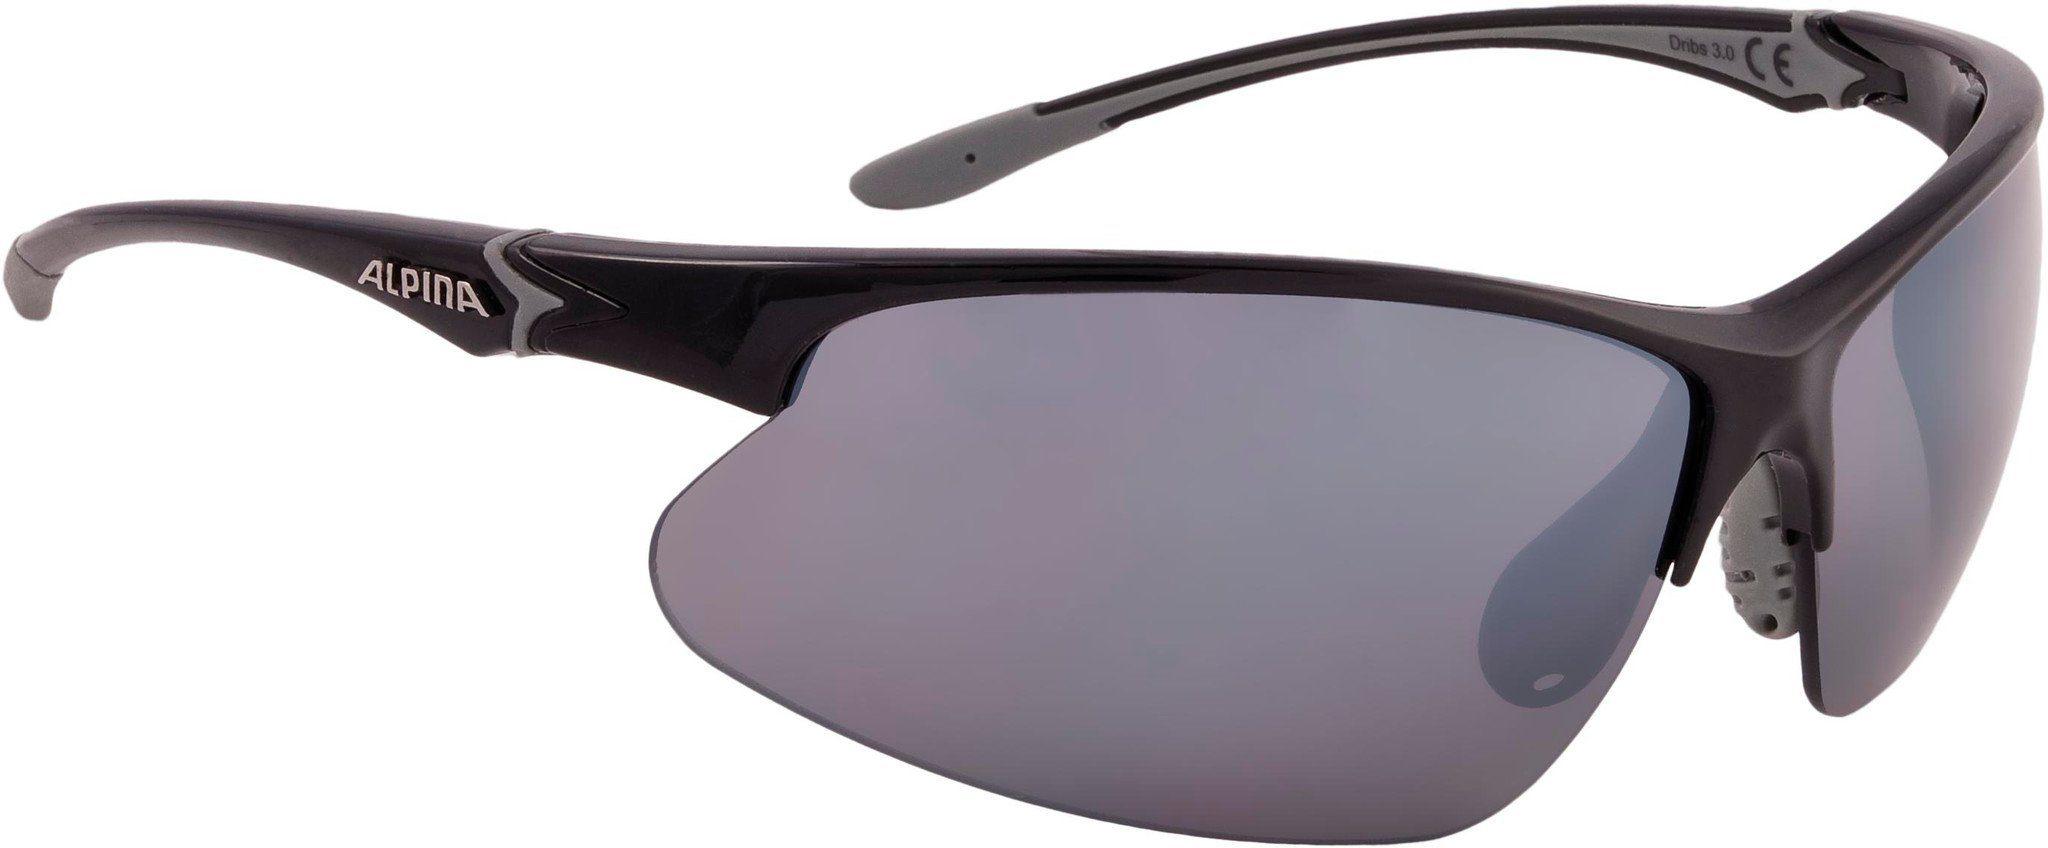 Alpina Sports Sportbrille »Dribs 3.0 Glasses«